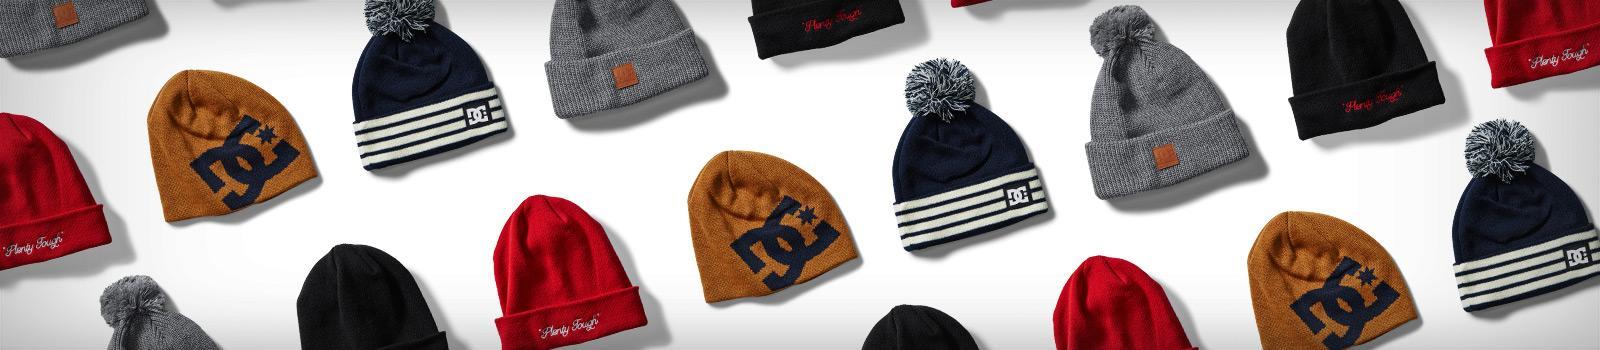 купить мужские шапки, мужские шапки интернет магазин